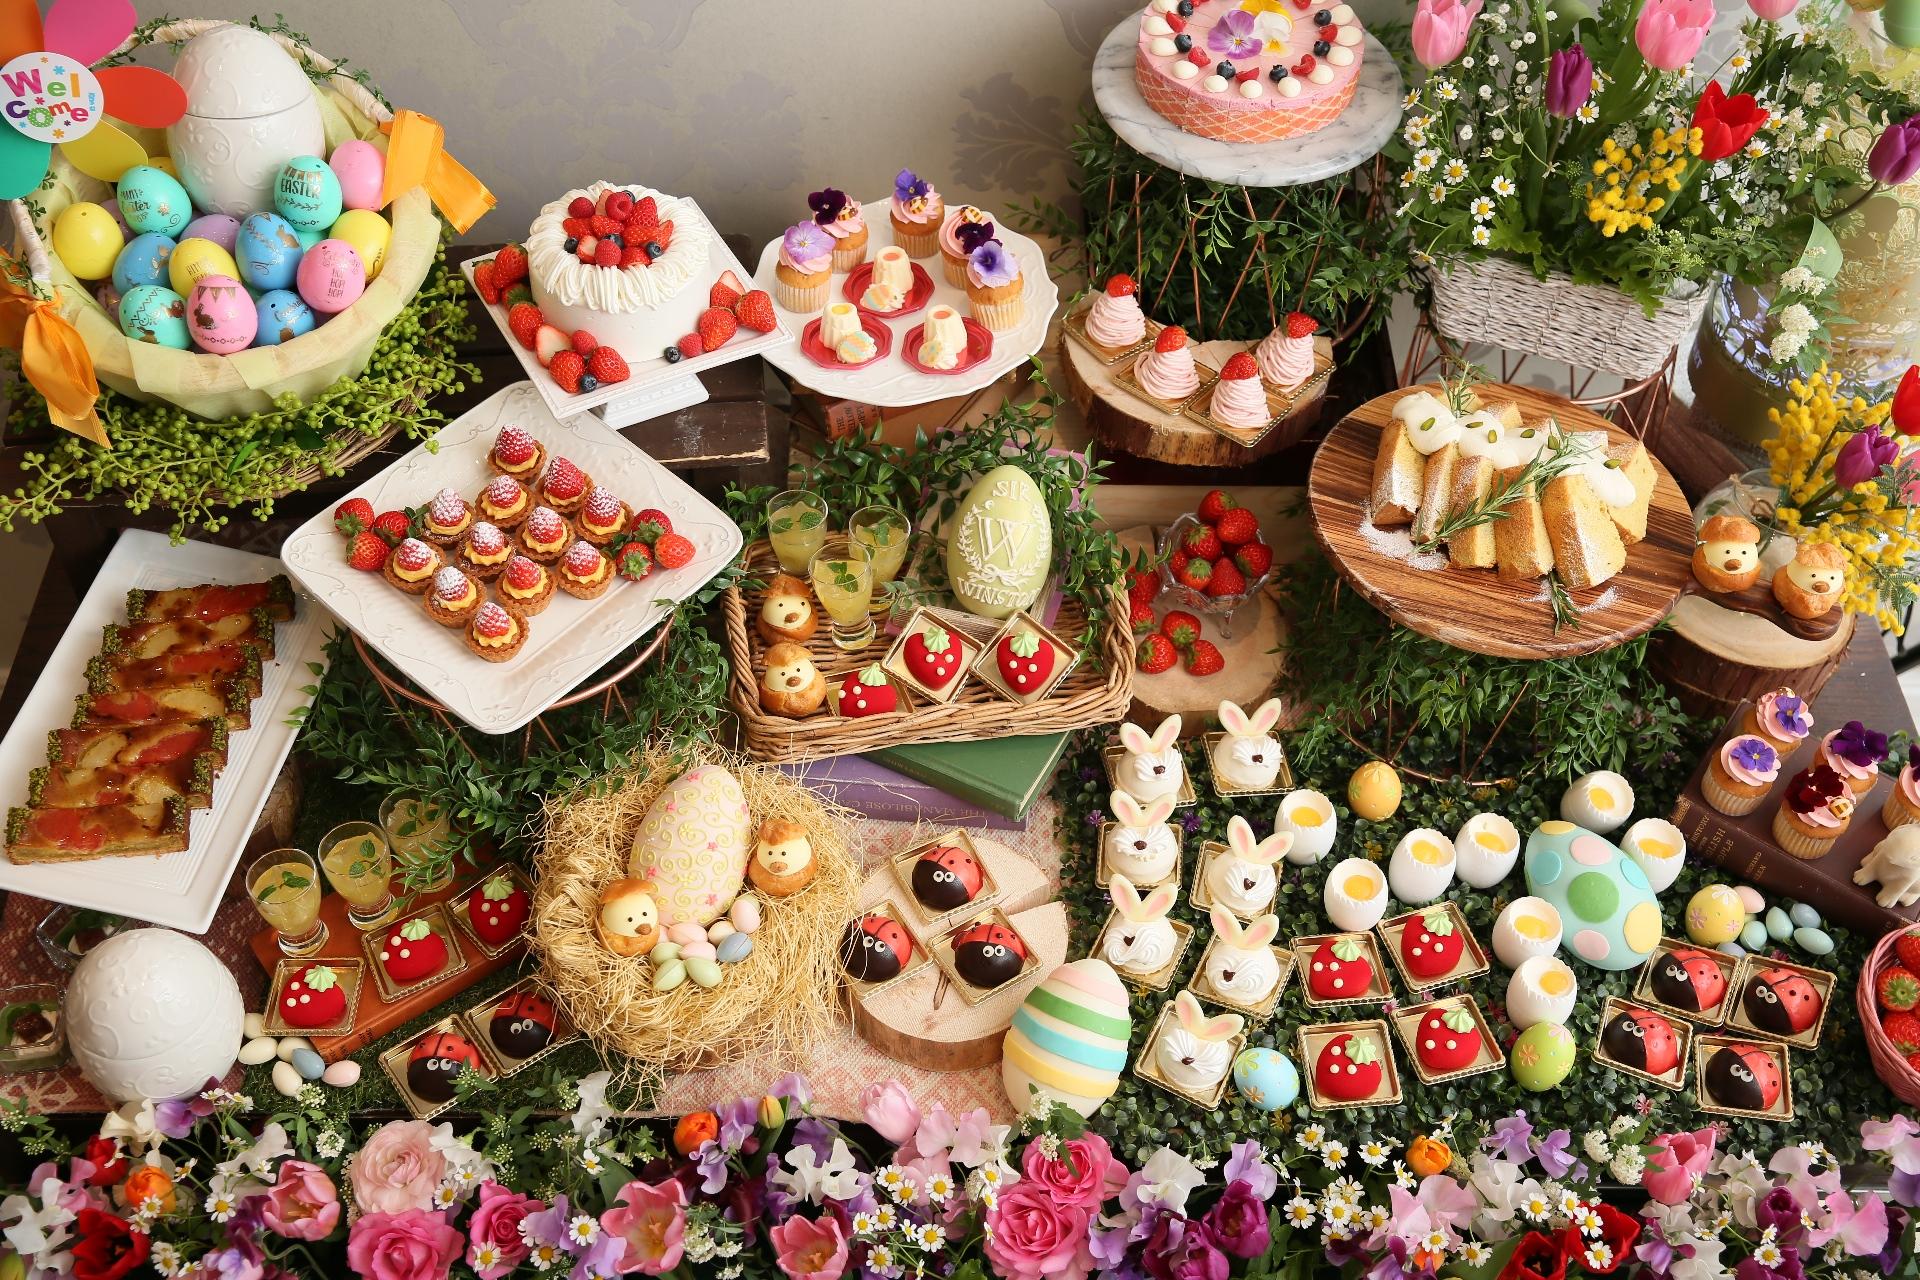 インスタグラマー必見。可愛いデザートに囲まれて、イースターを祝おう! - sub4 1